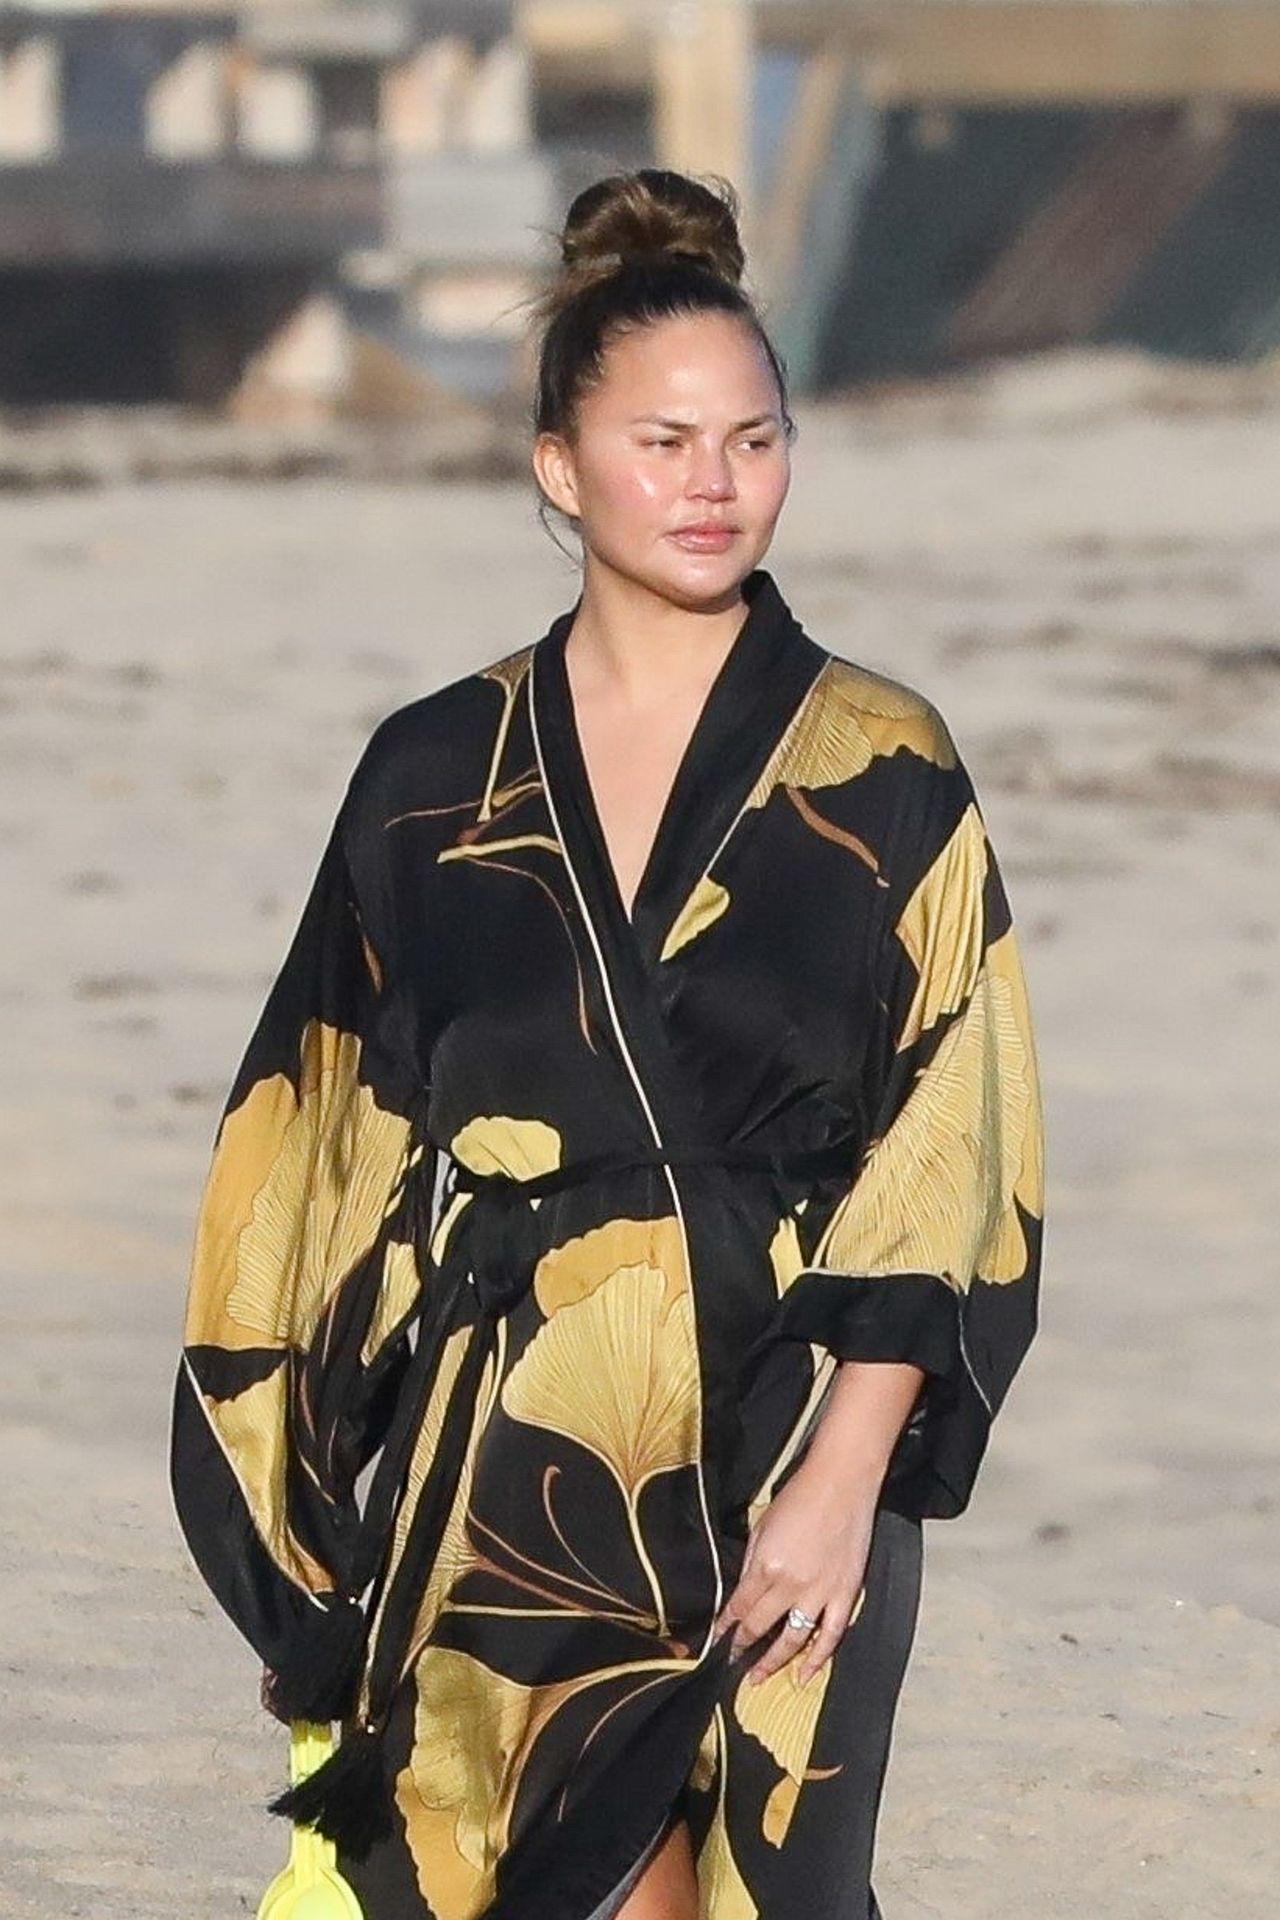 Chrissy Teigen Enjoys A Beach Day In Malibu Amid All Coronavirus Chaos 0010